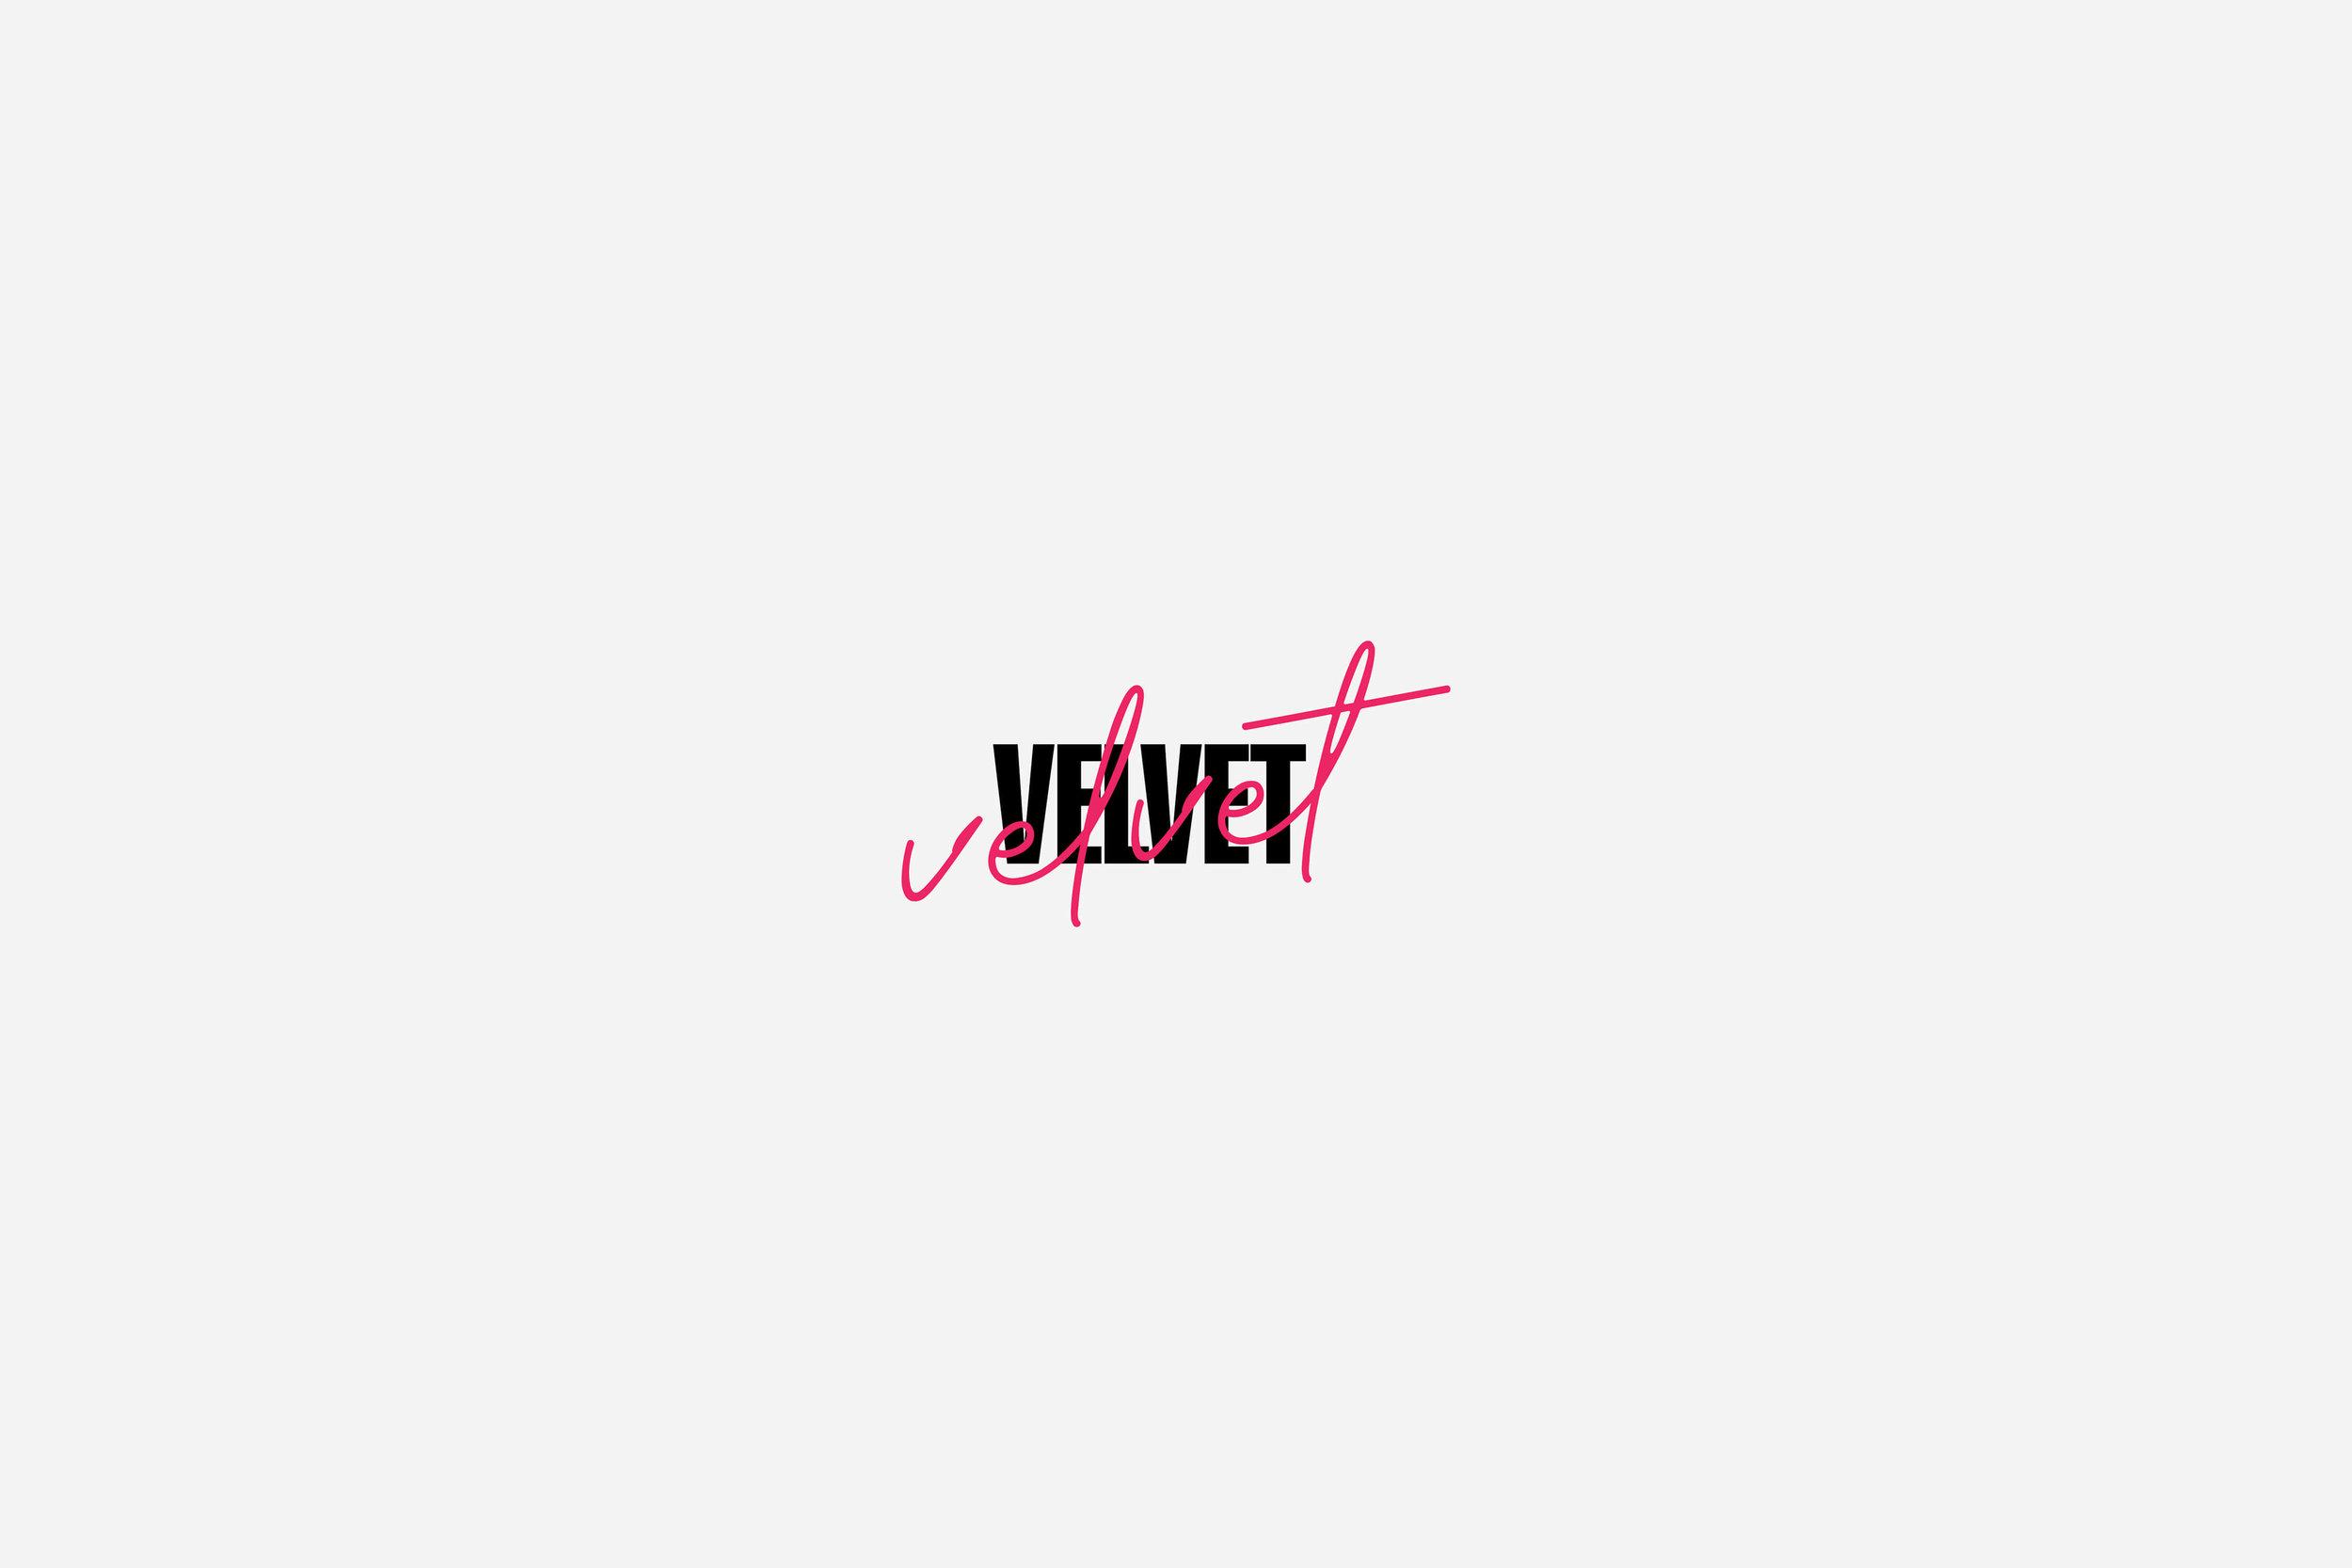 logo-design-branding-san-diego-vortic-velvet-02-3